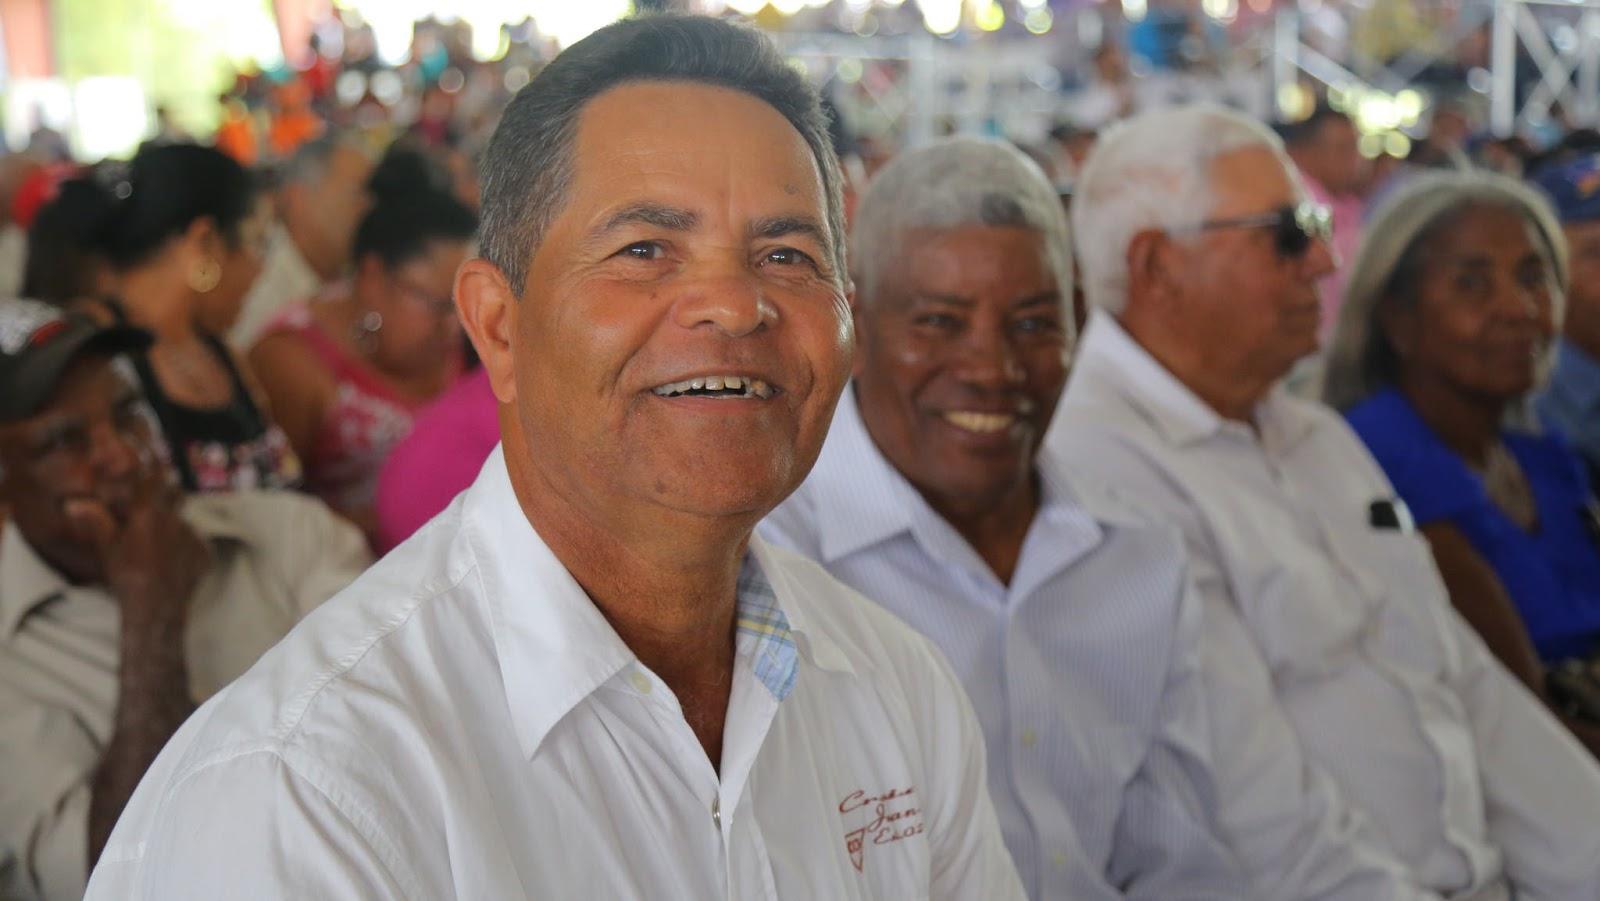 VIDEO: Agricultores de San José de Ocoa reciben sonrientes títulos de propiedad Miércoles, 05 de abril de 2017